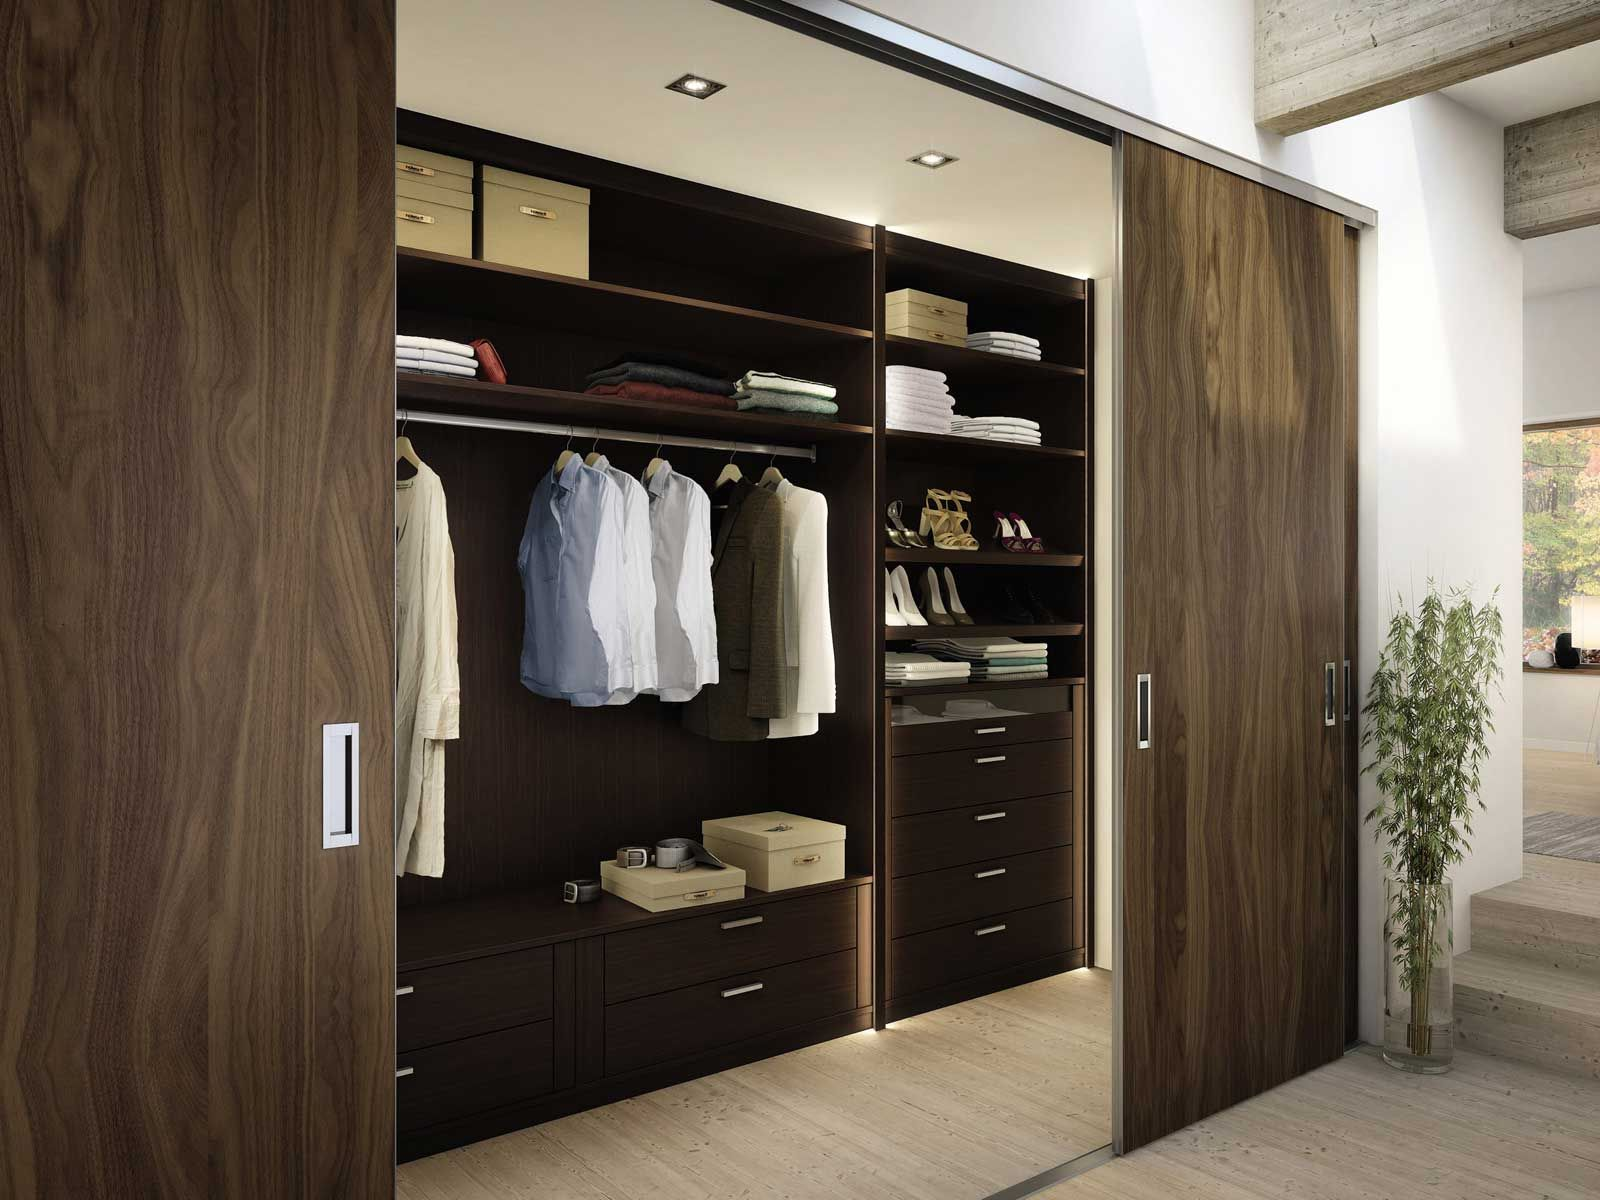 Vestidor con puertas corredizas Armario vestidor